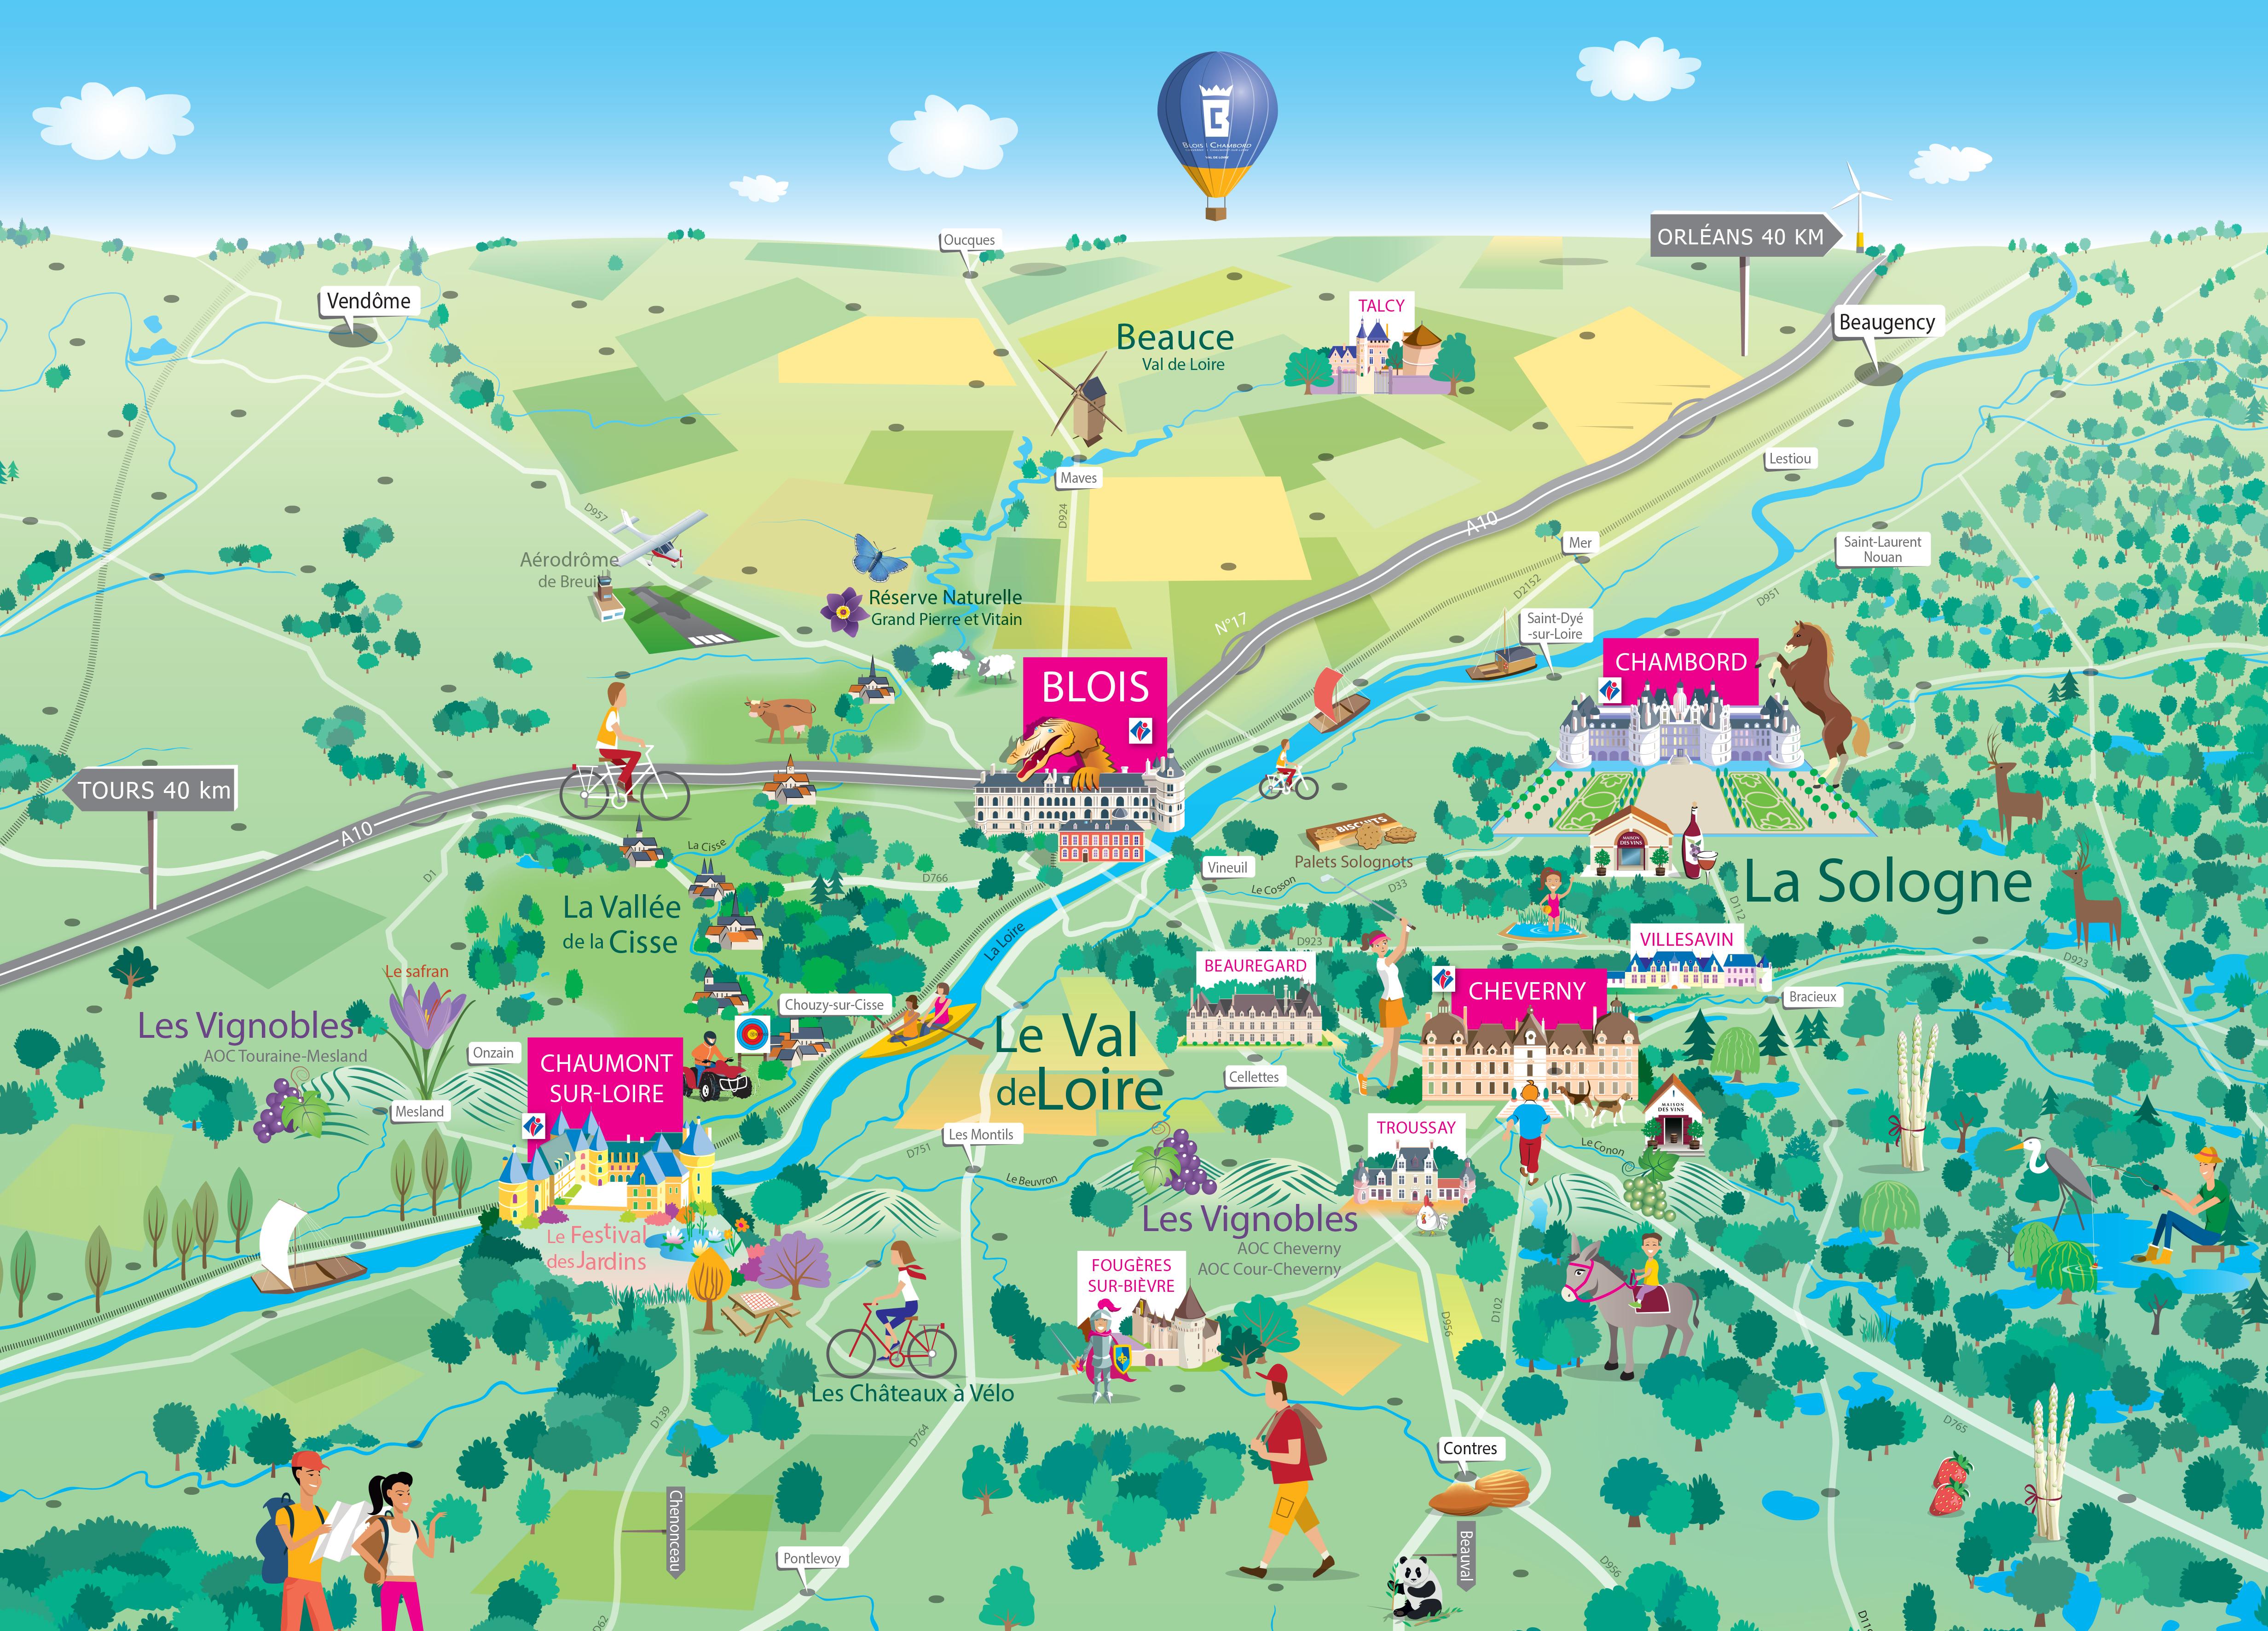 Our Land Blois Chambord Tourism